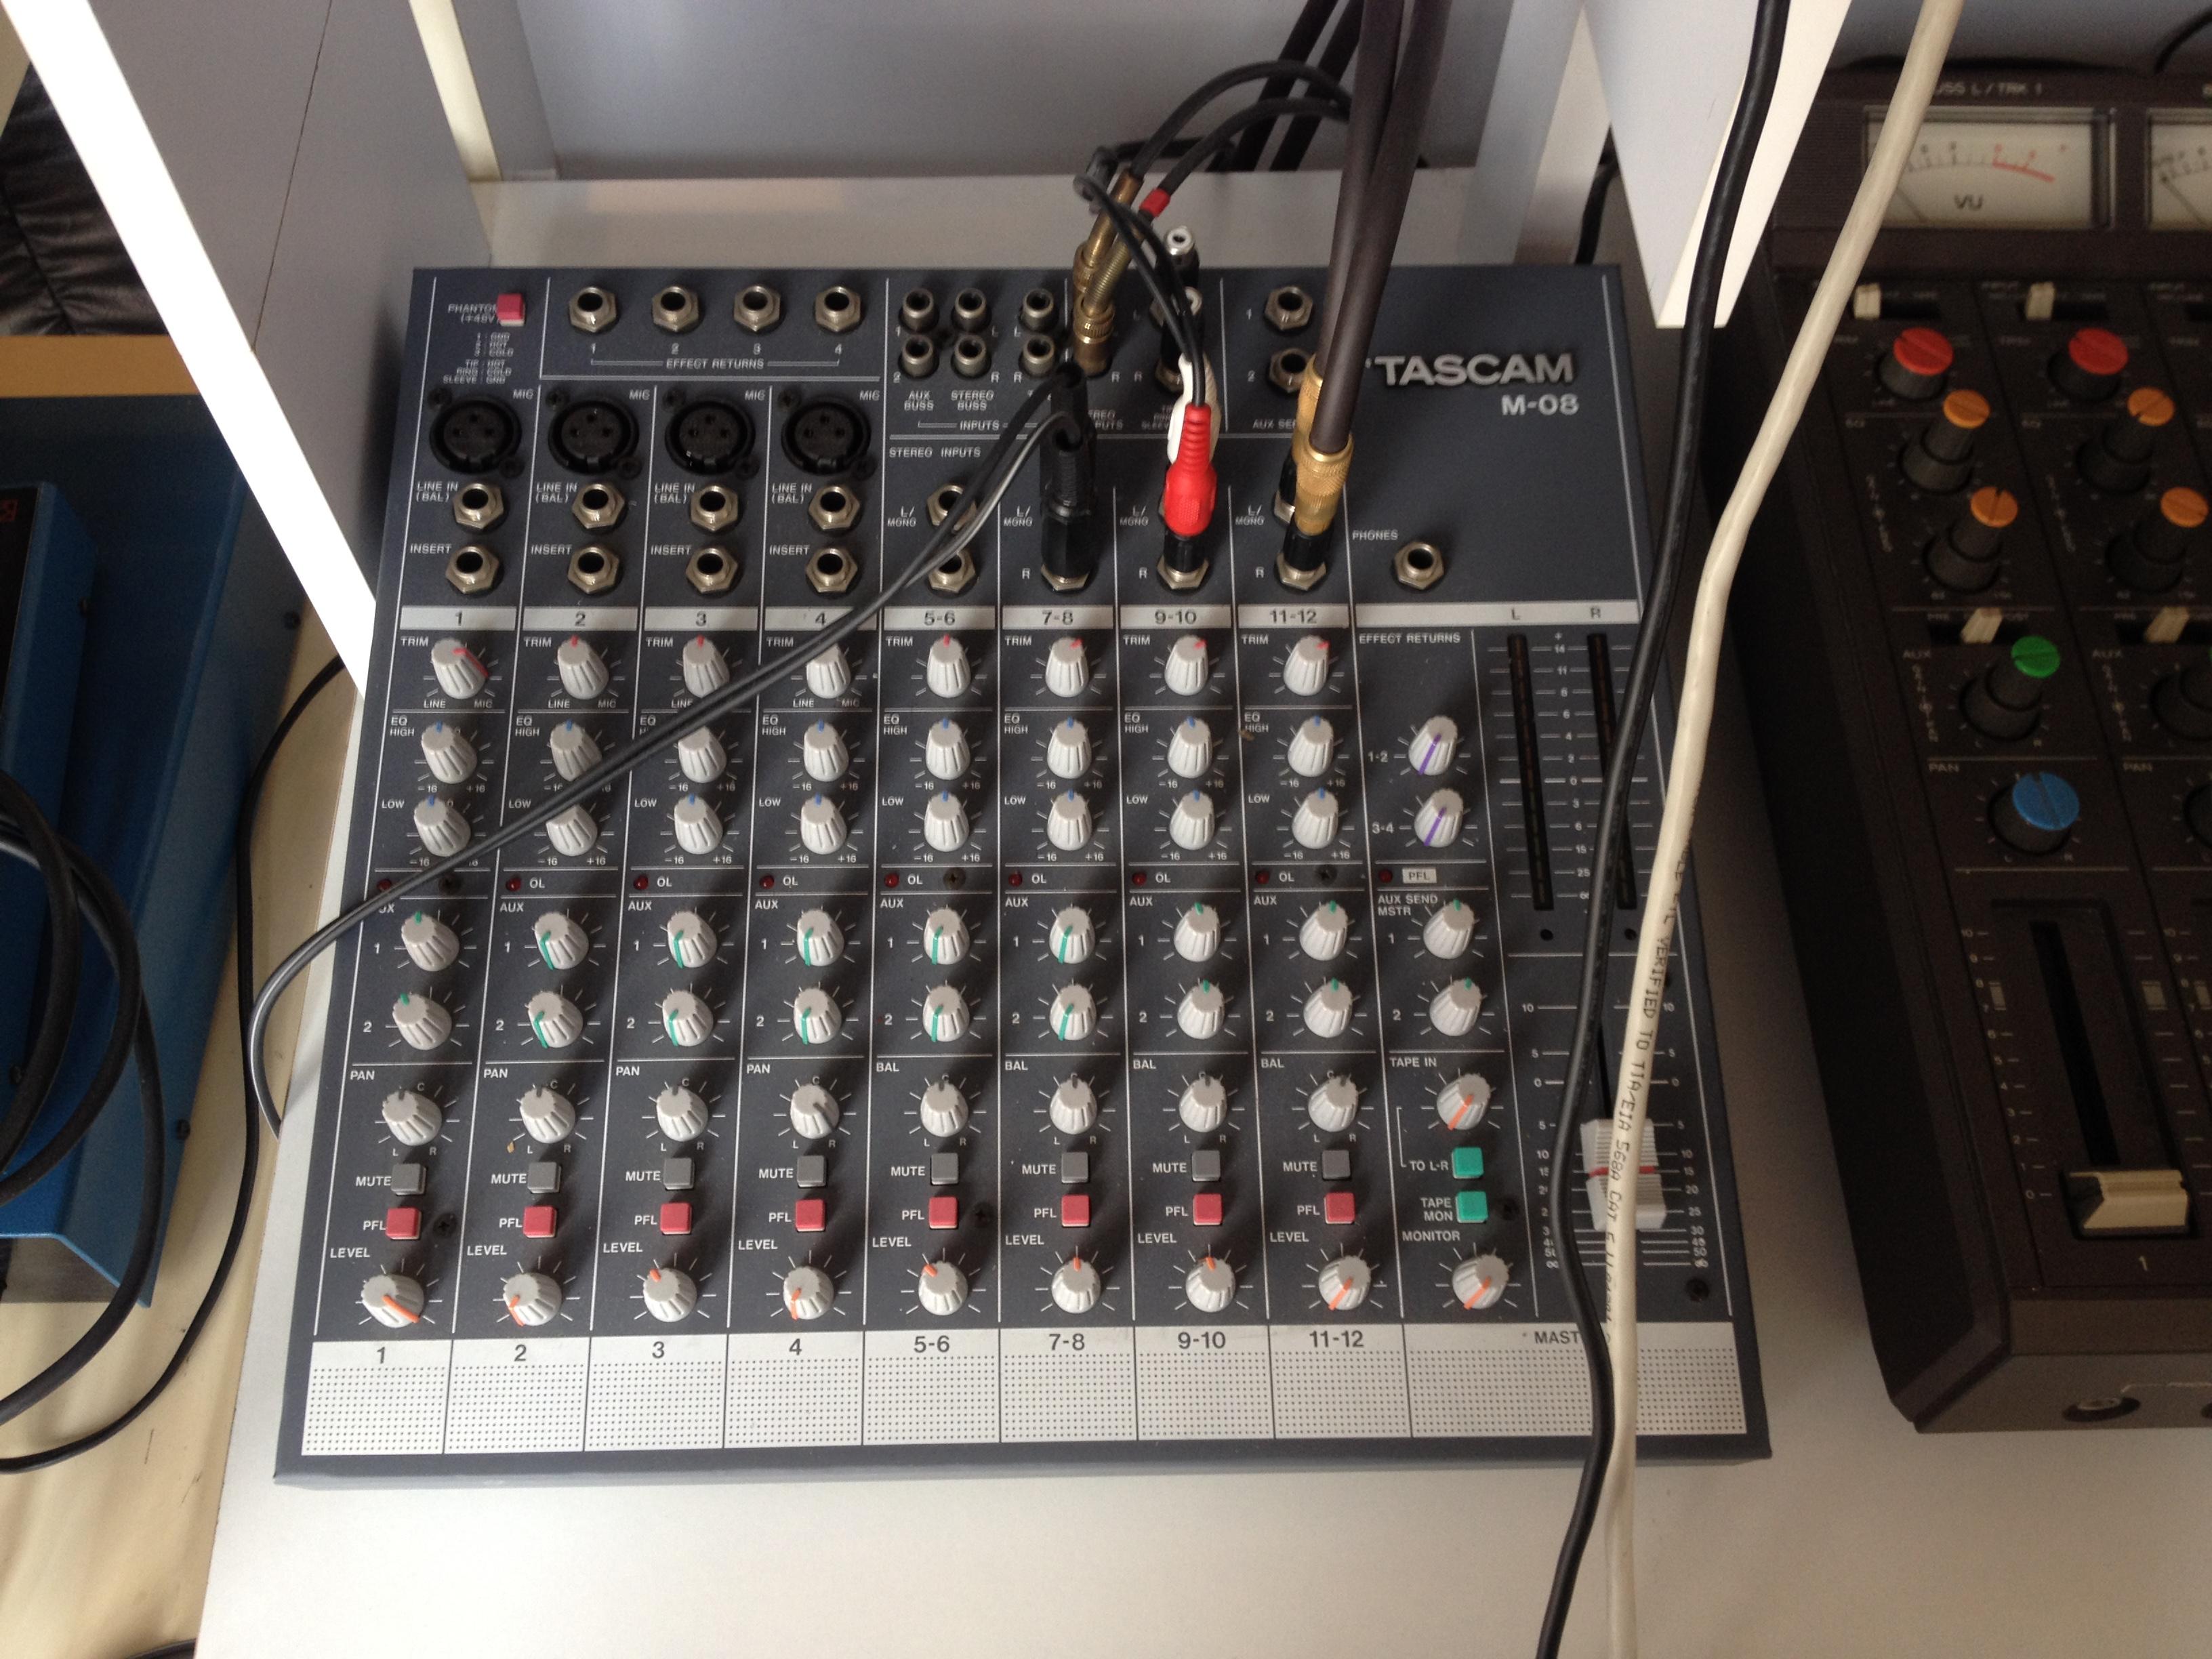 table de mixage tascam m-08